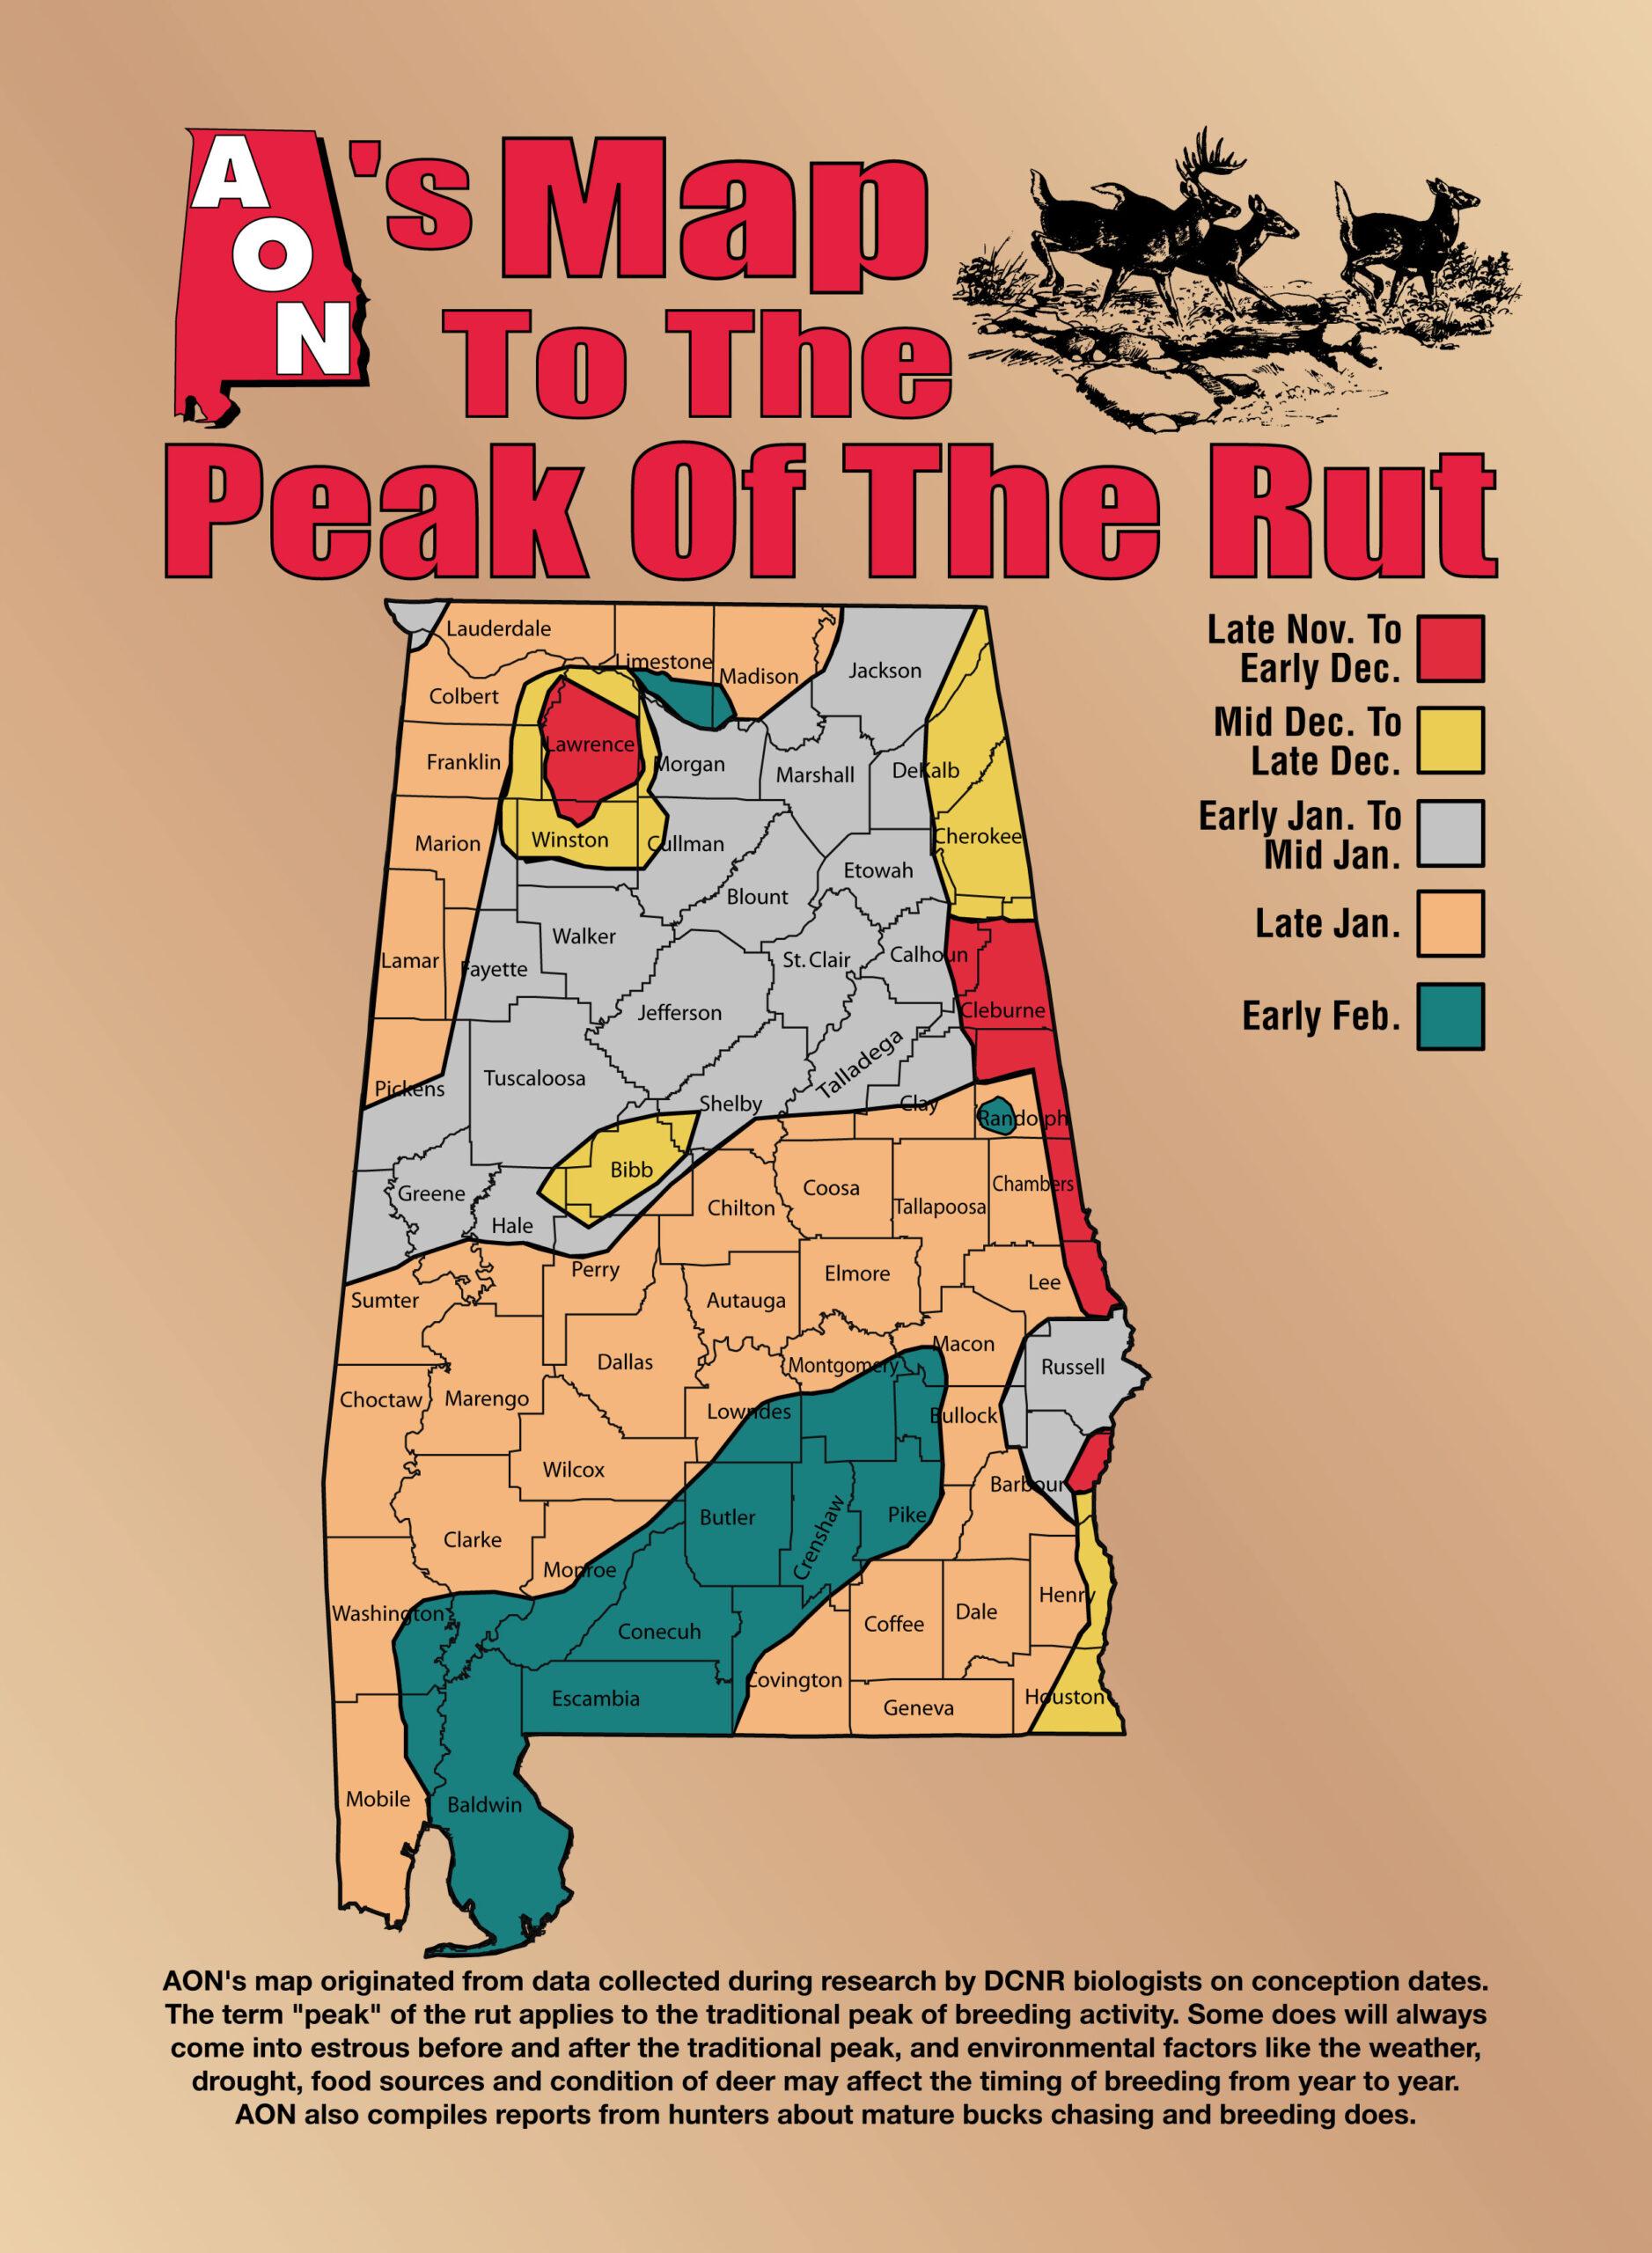 Decoding The Rut in 2021 Deer And Deer Hunting Rut Calendar